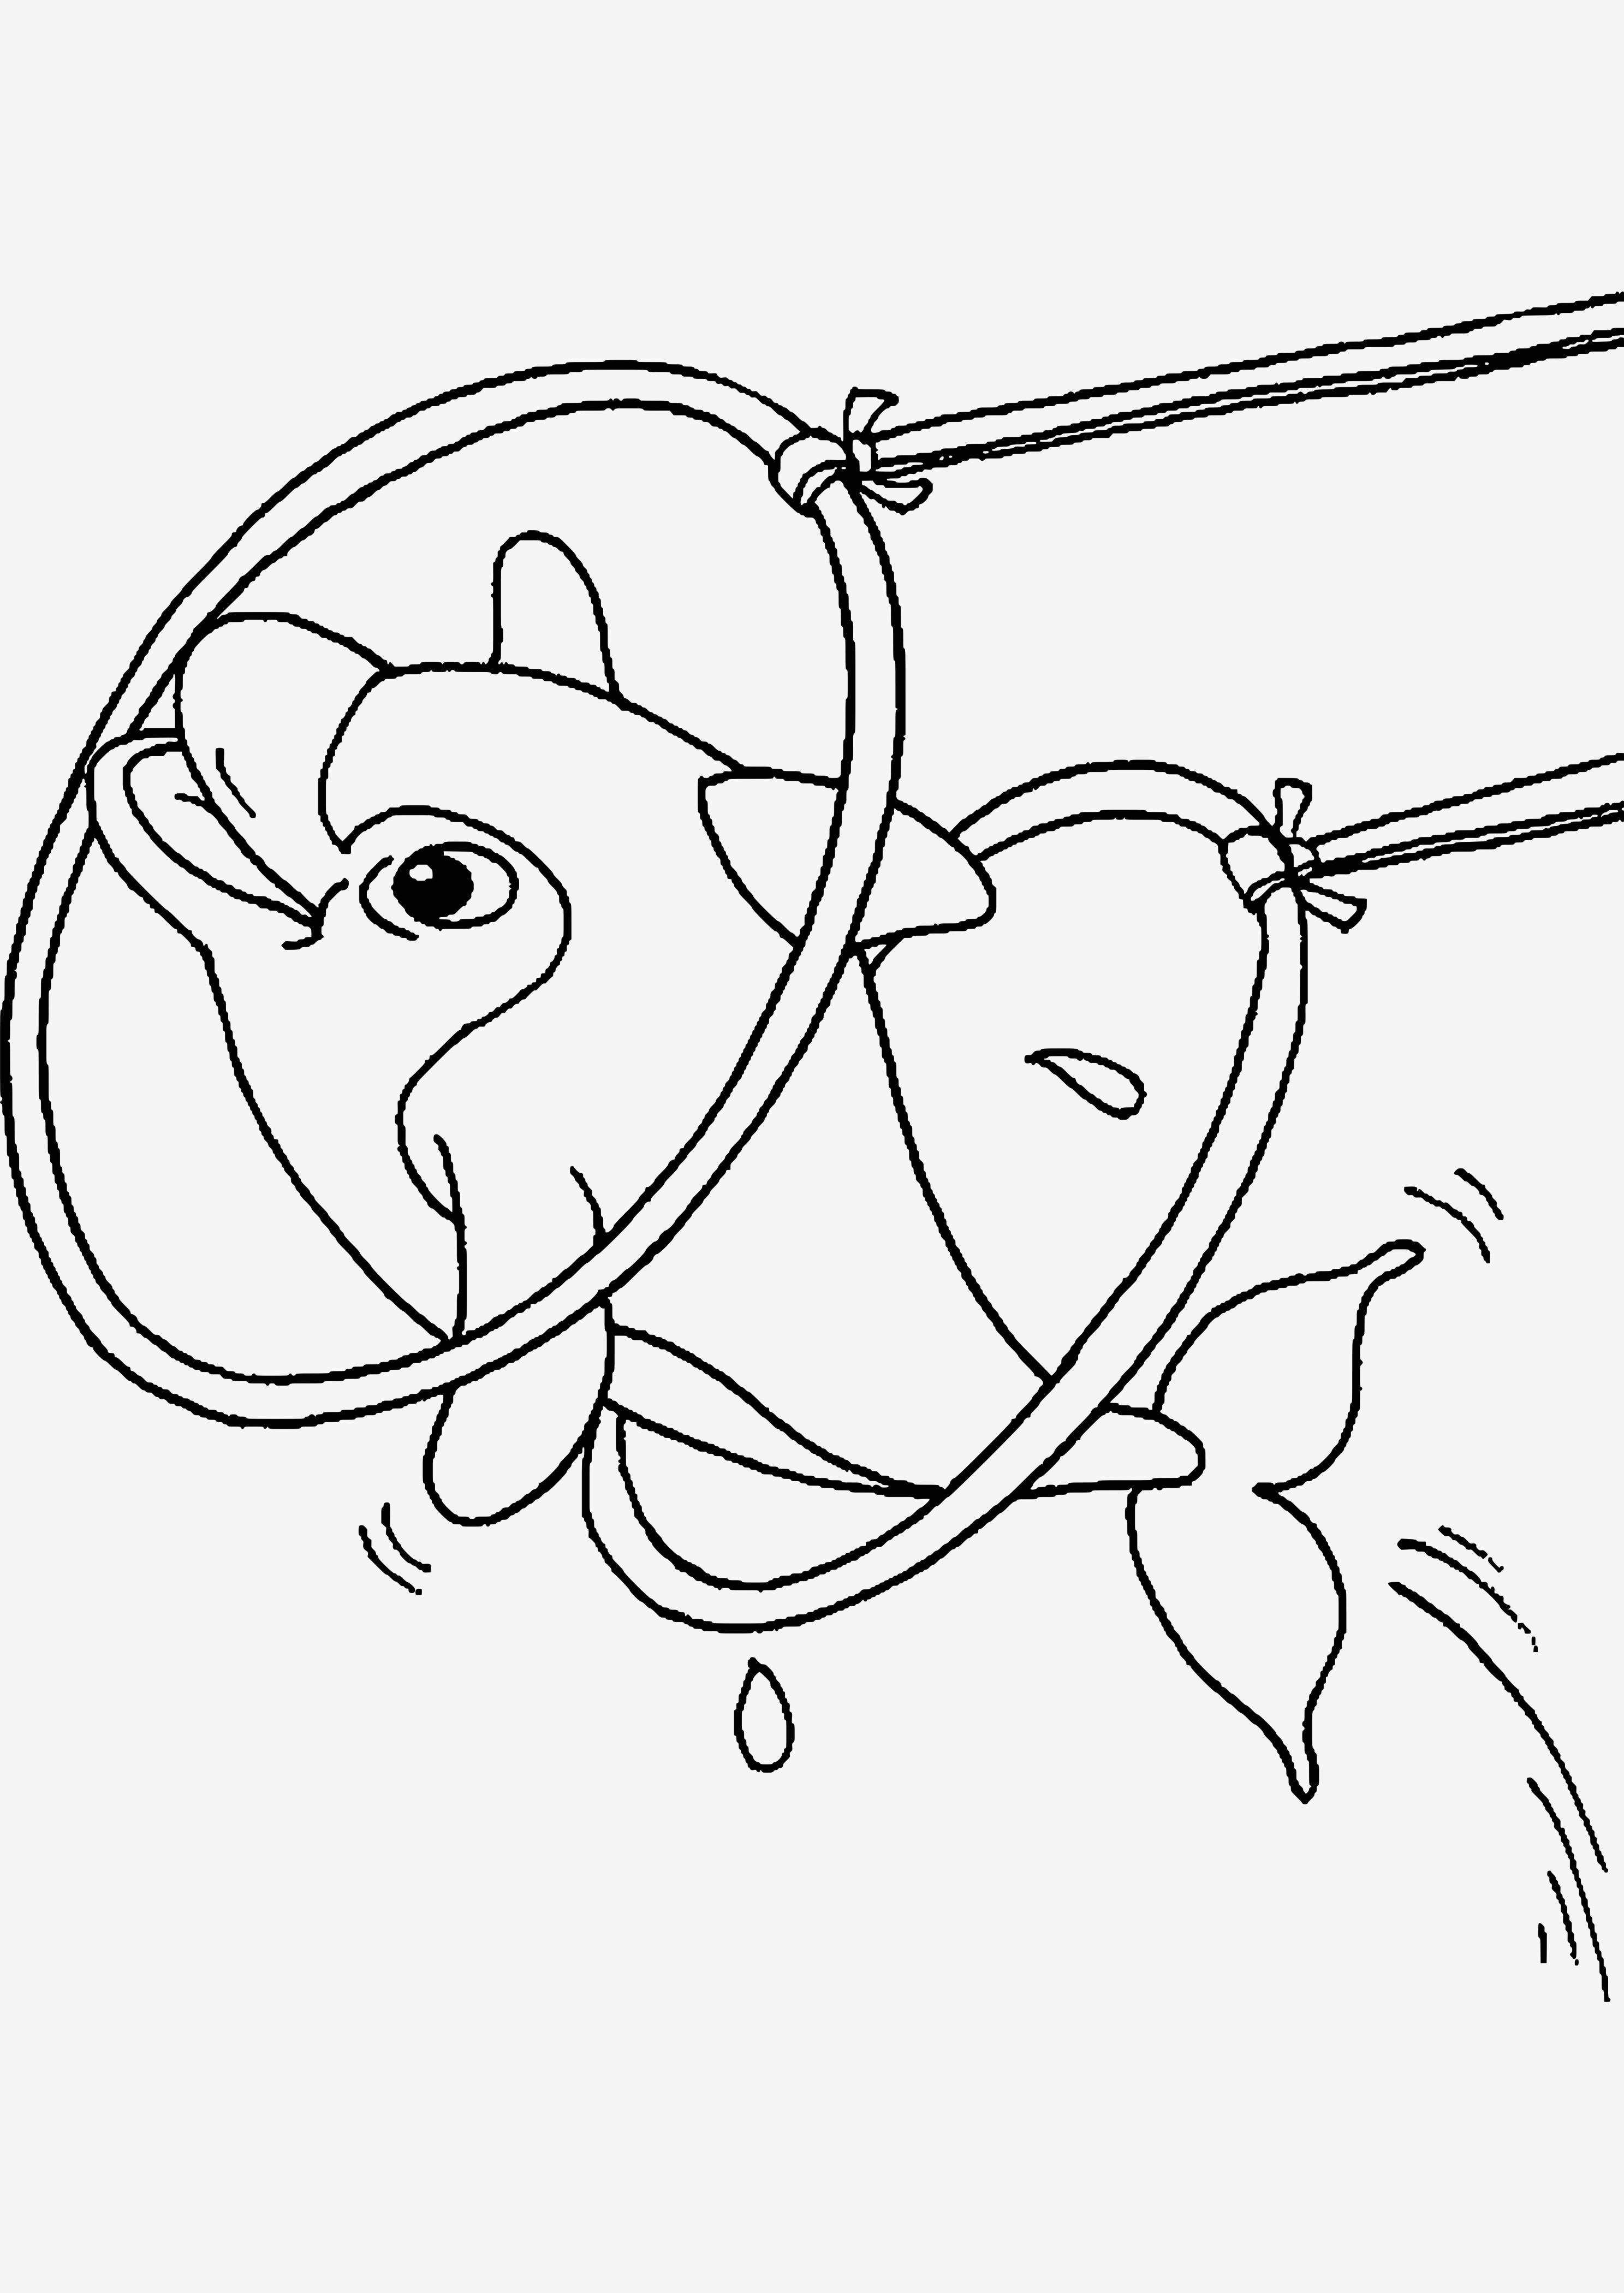 Ausmalbilder Meerjungfrau Mit Delfin Das Beste Von Bilder Zum Ausmalen Bekommen Meerjungfrau Malvorlagen Das Bild